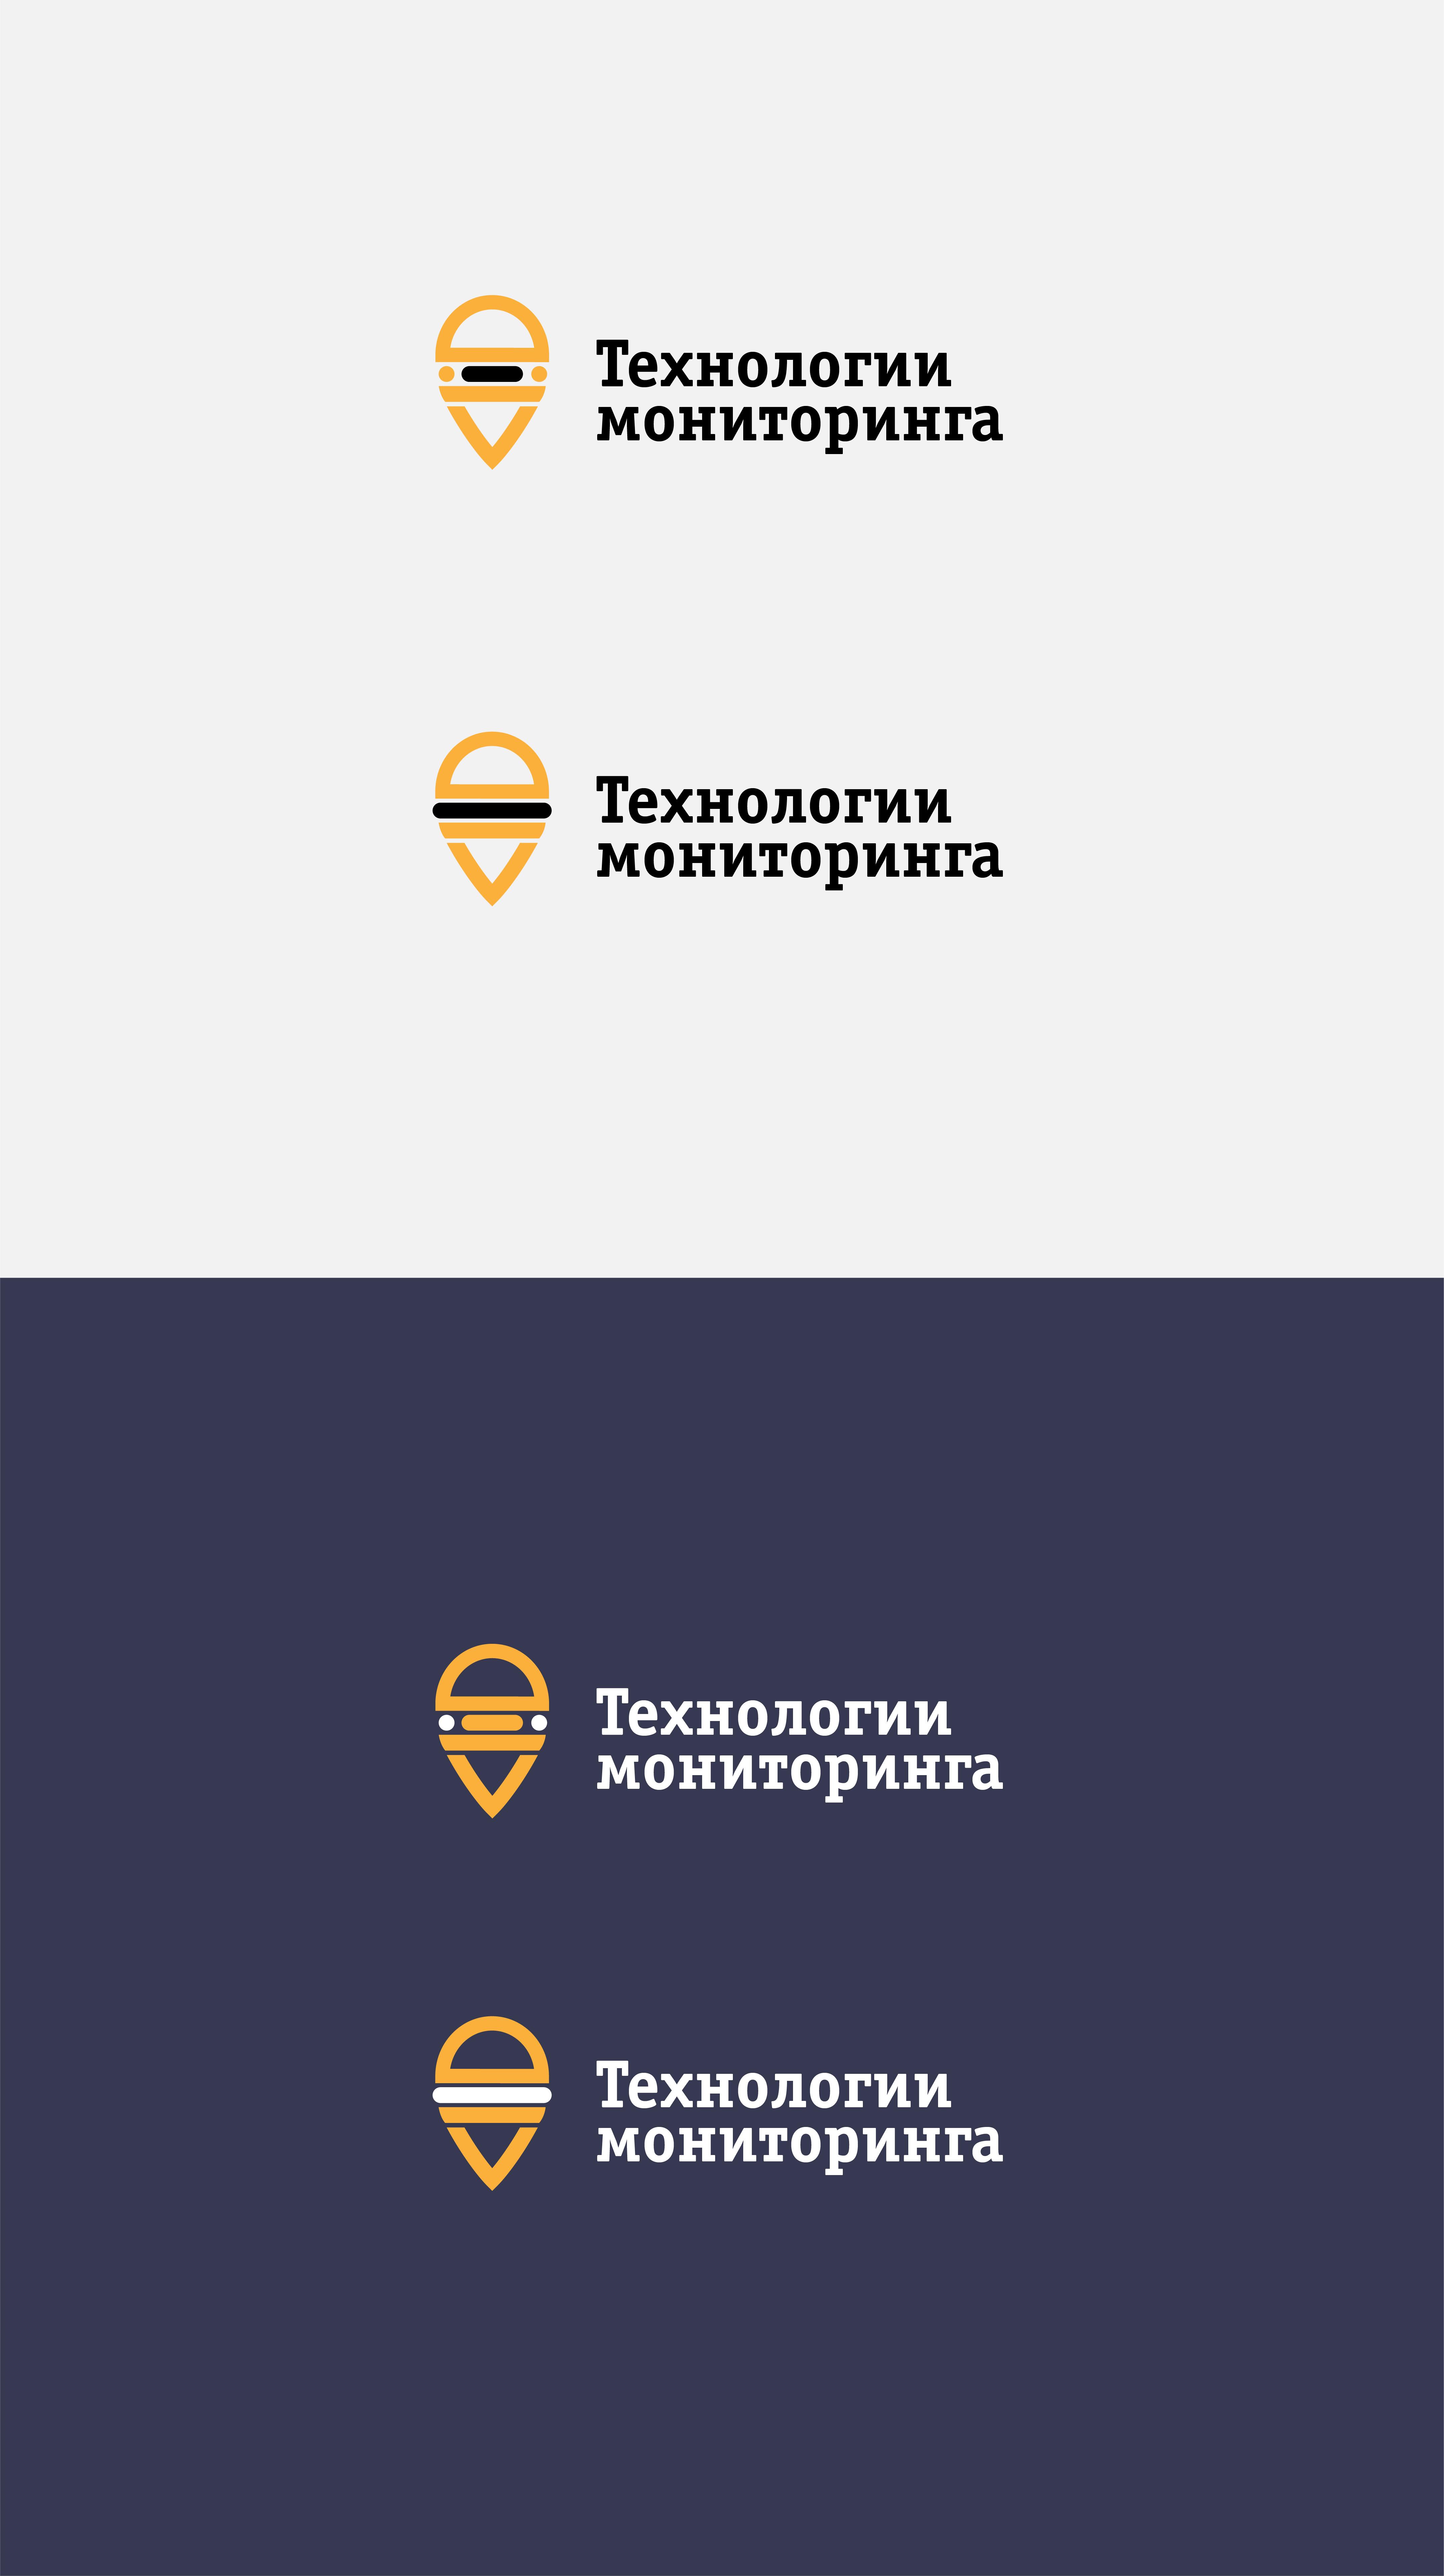 Разработка логотипа фото f_532597b5e73e04b3.jpg